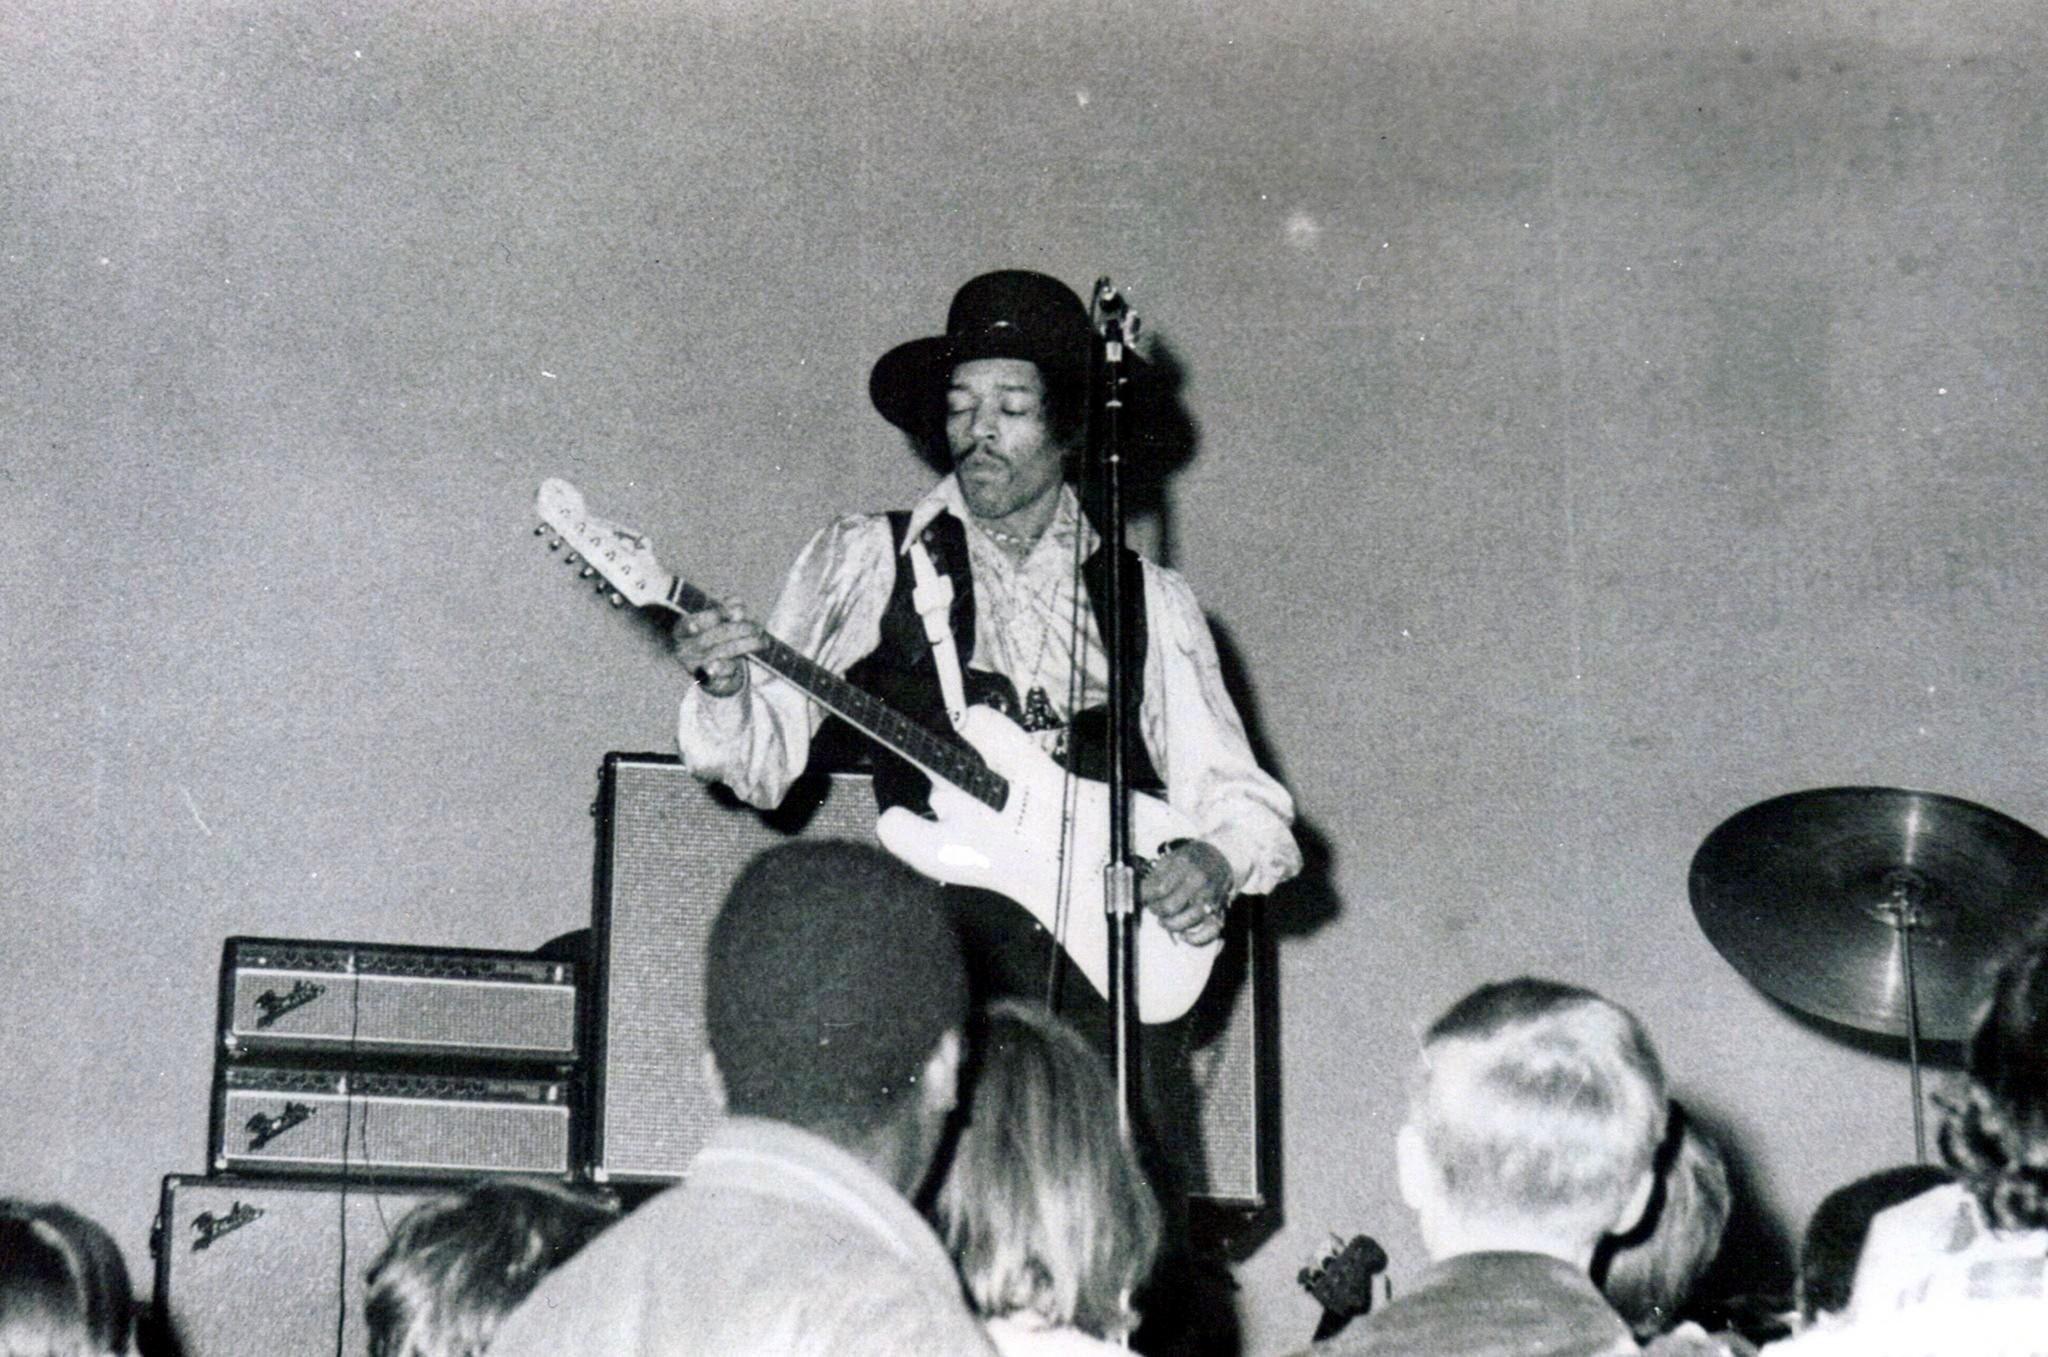 San Francisco (Winterland) : 3 février 1968 [Premier concert] 992256252o